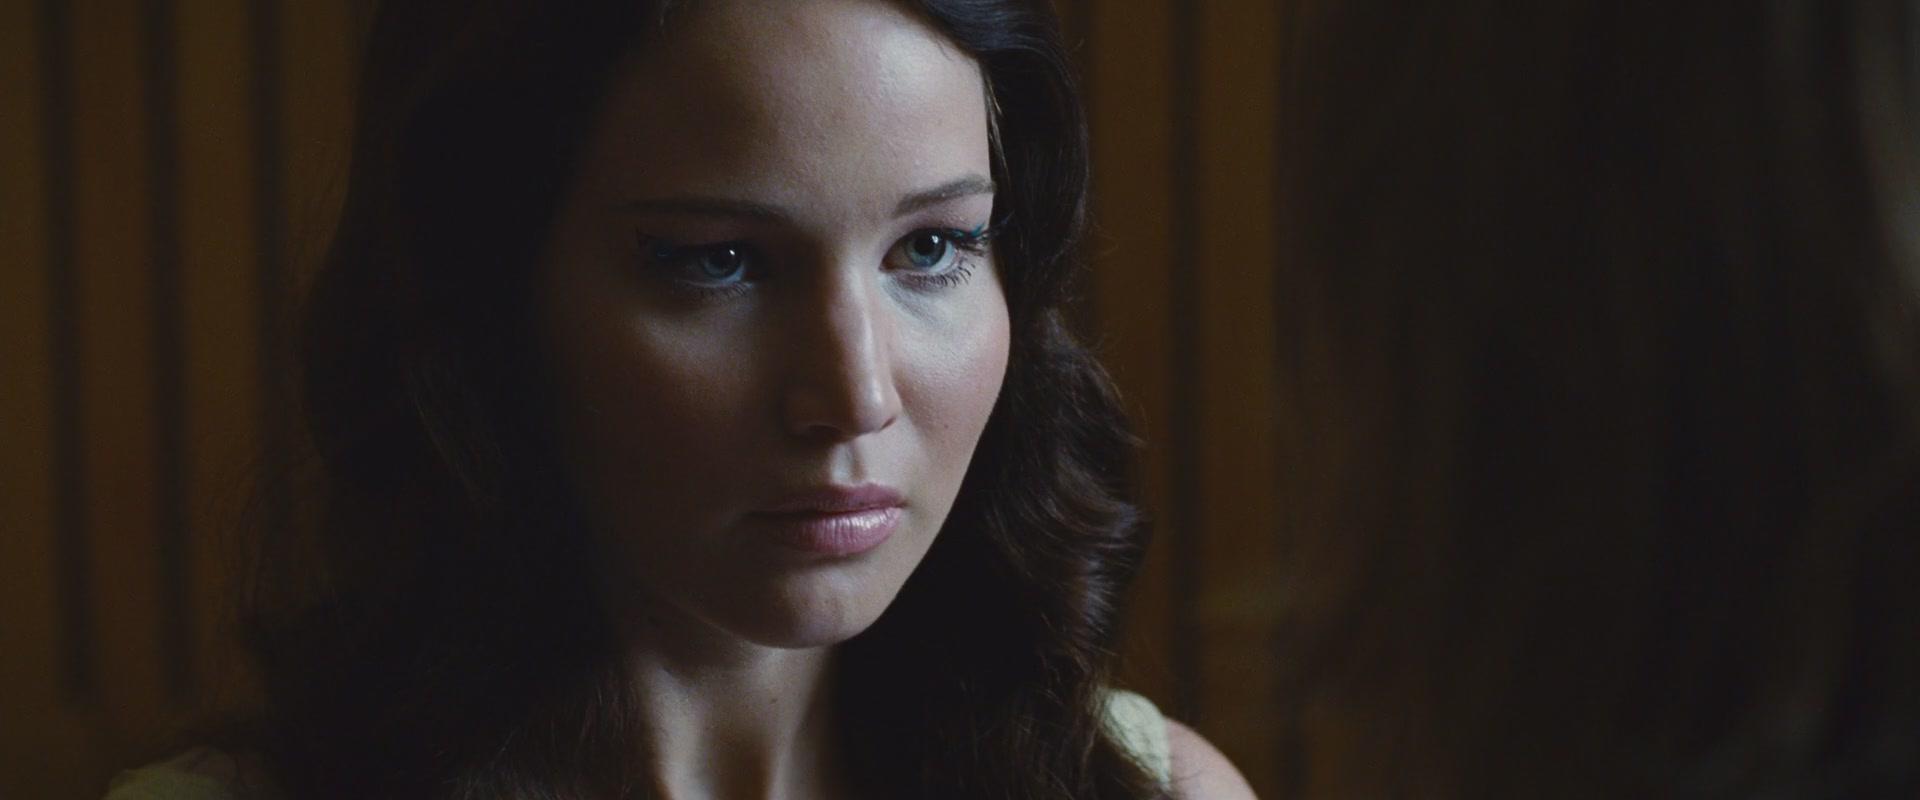 Katniss everdeen hunger games